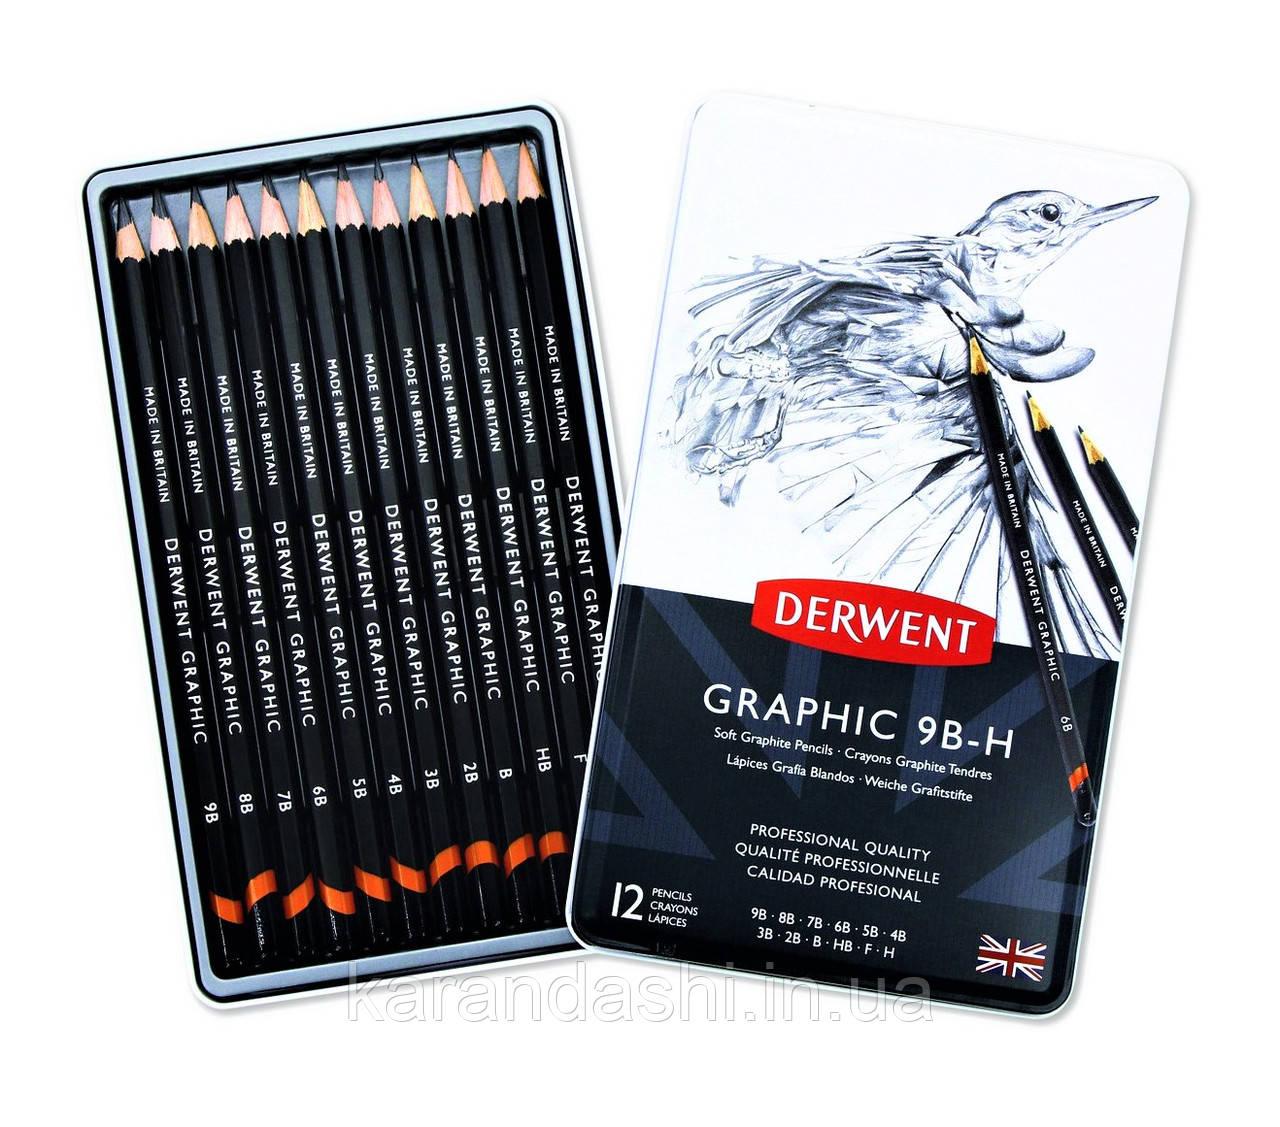 Набор графитных карандашей DERWENT Graphic (9B-H) 12 шт. в металлической коробке  34215